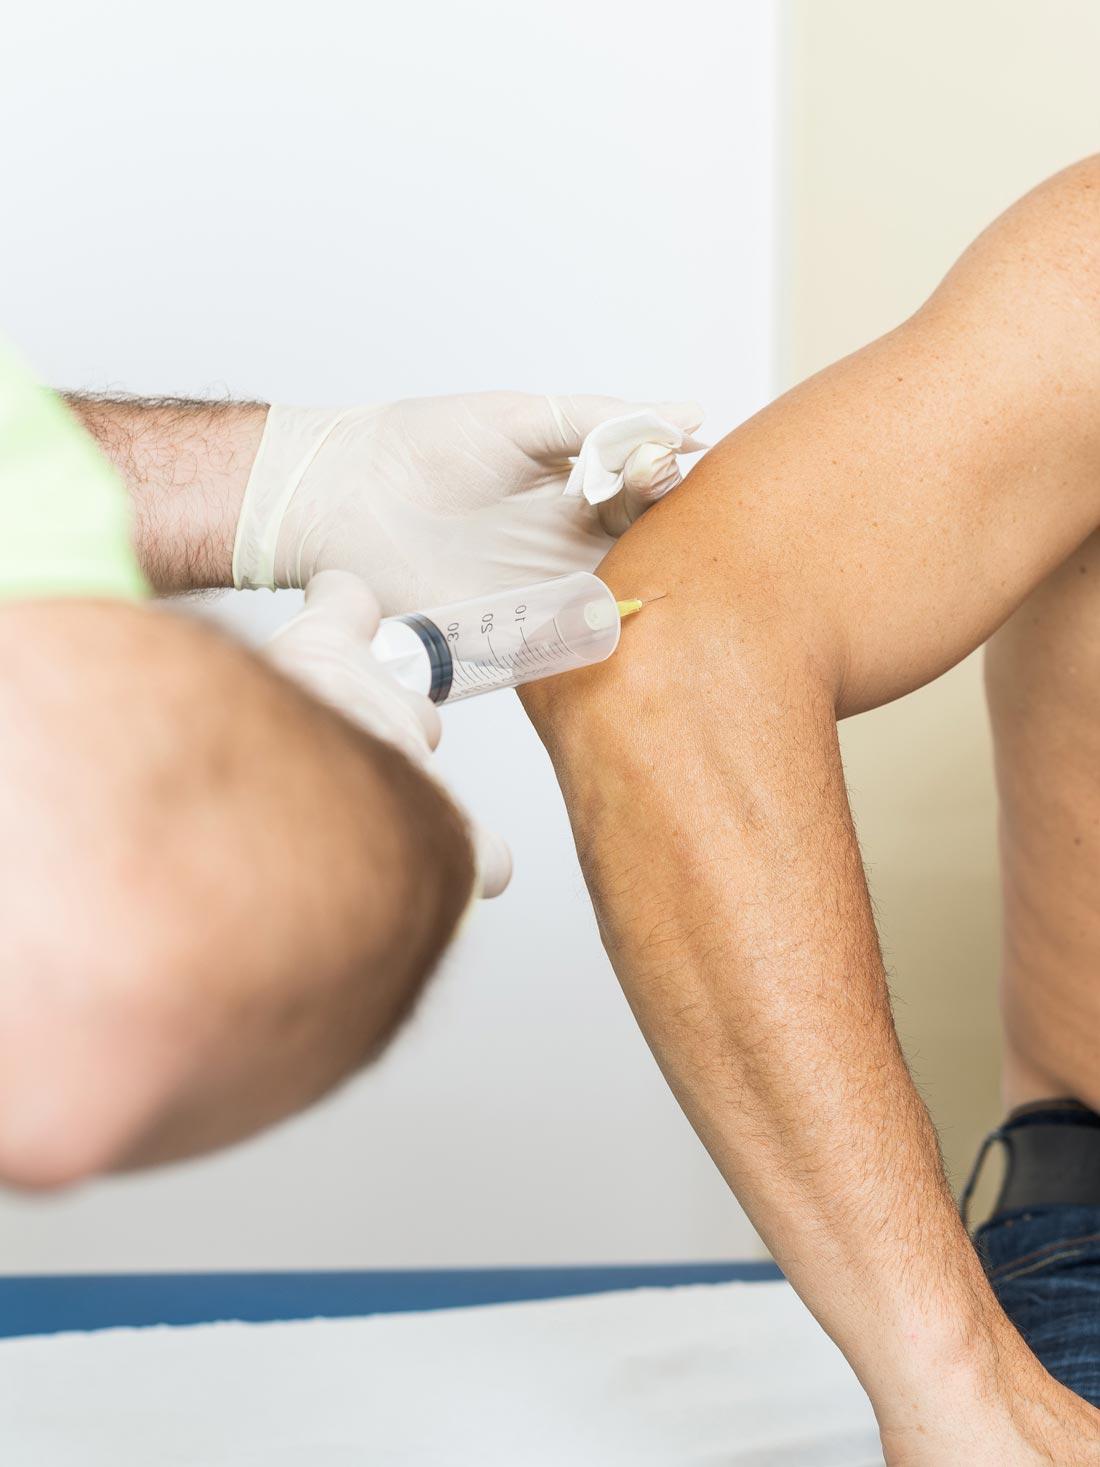 ozonoterapie pentru artroza genunchiului metoda de tratament comun Preț